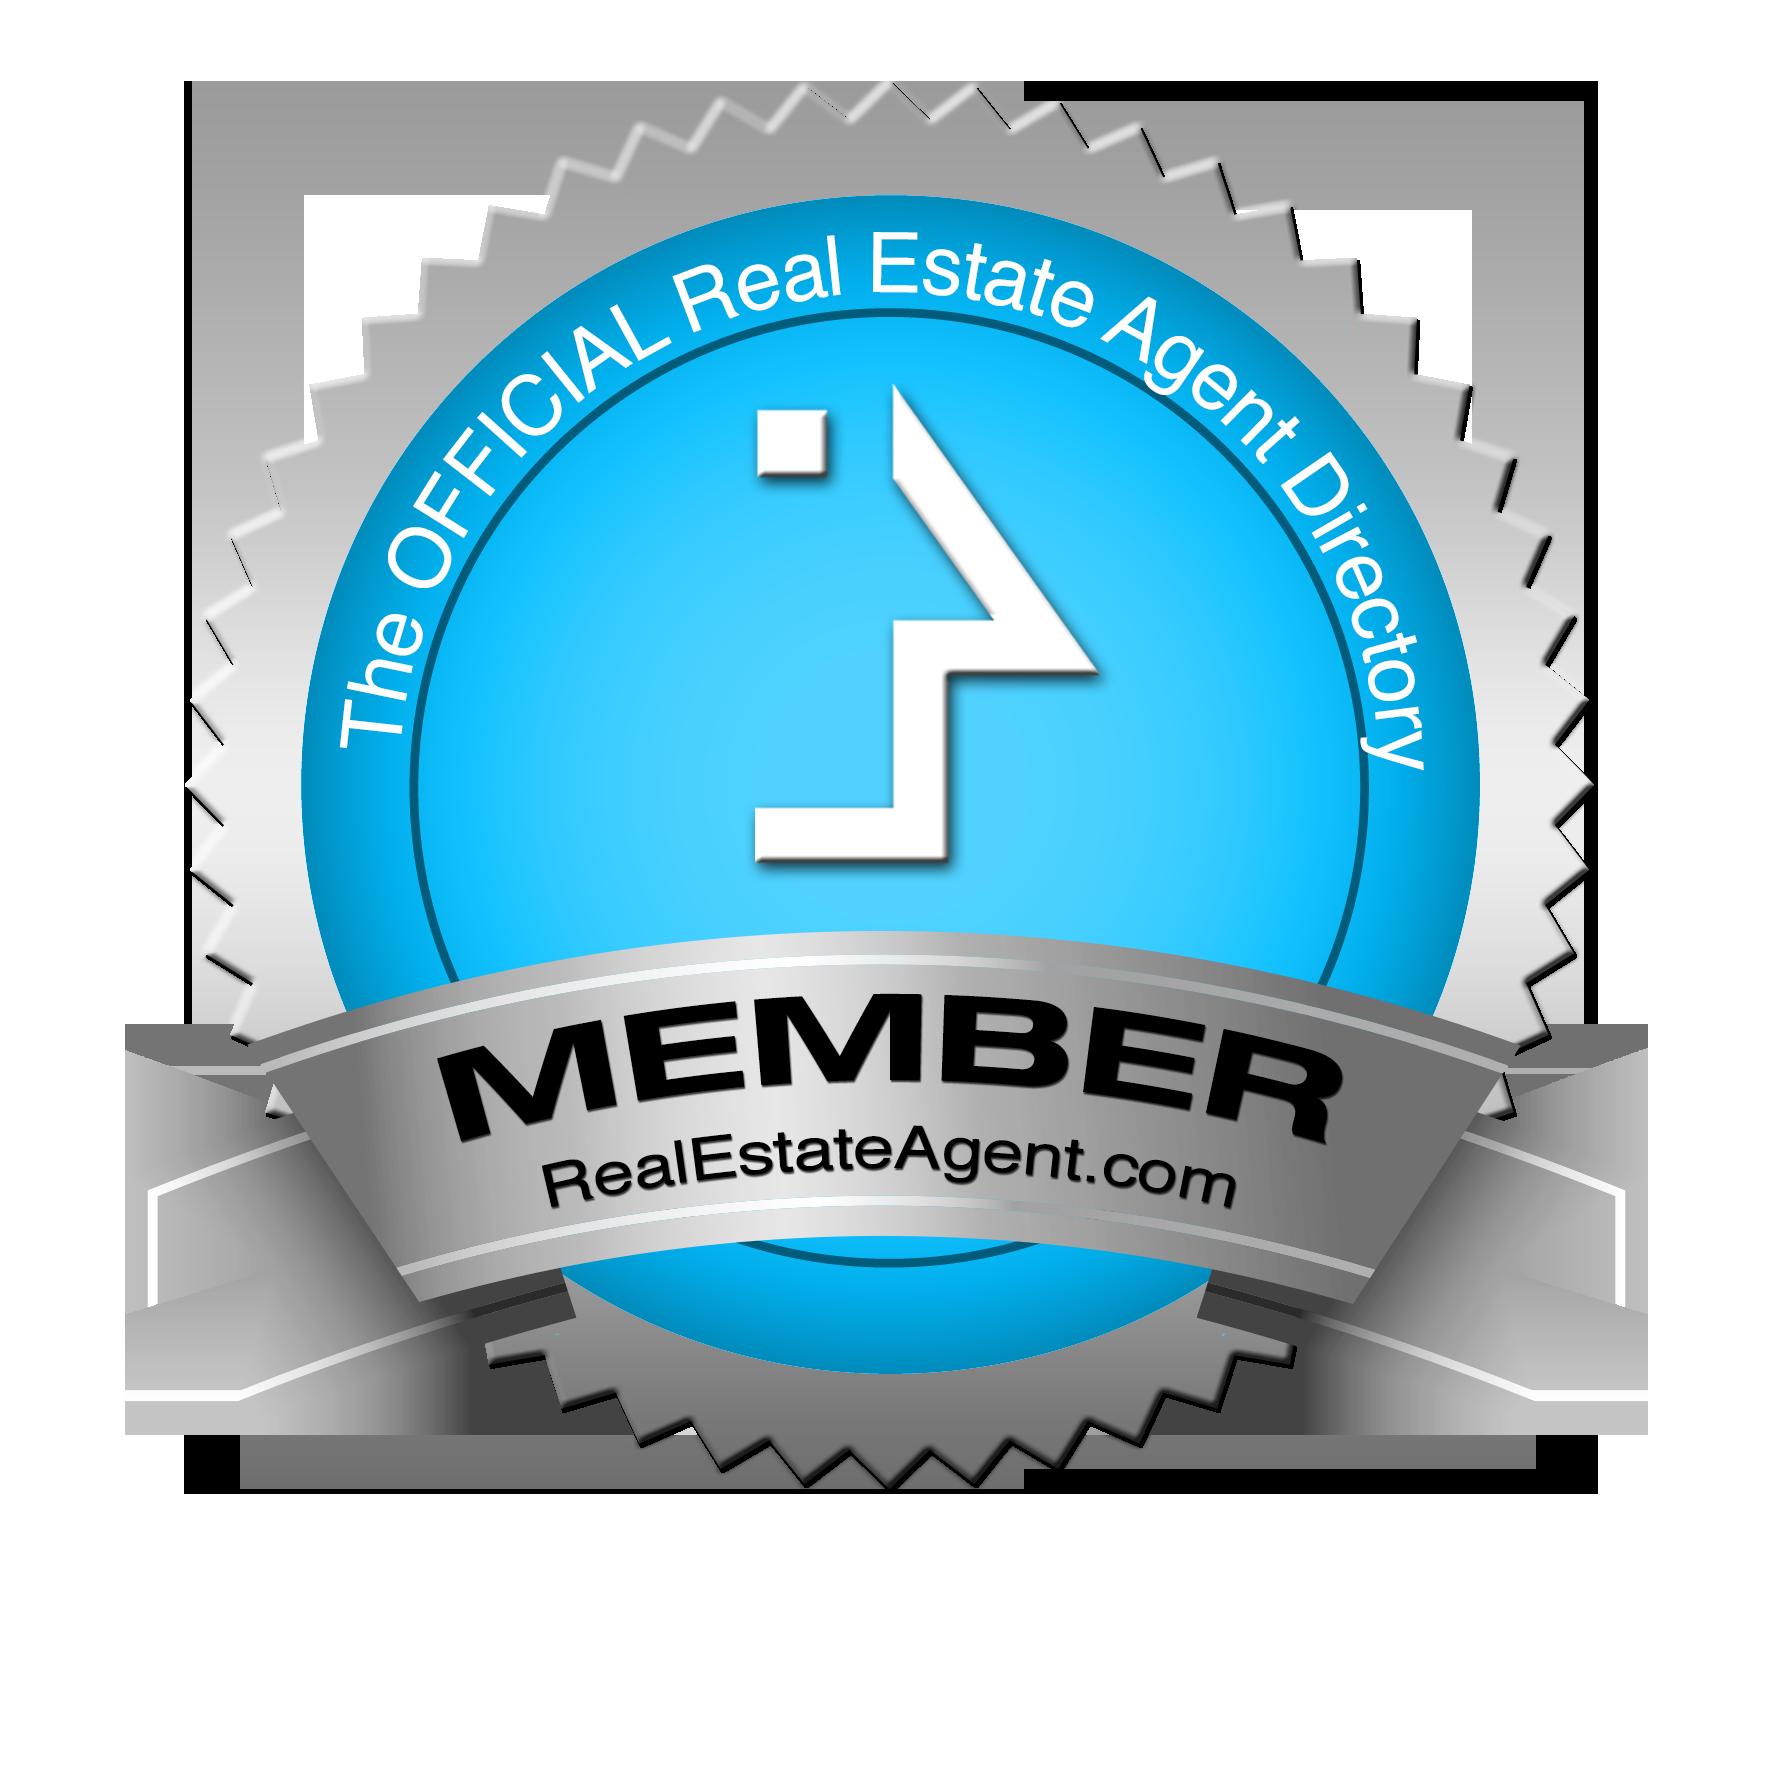 RealEstateAgent.com member badge